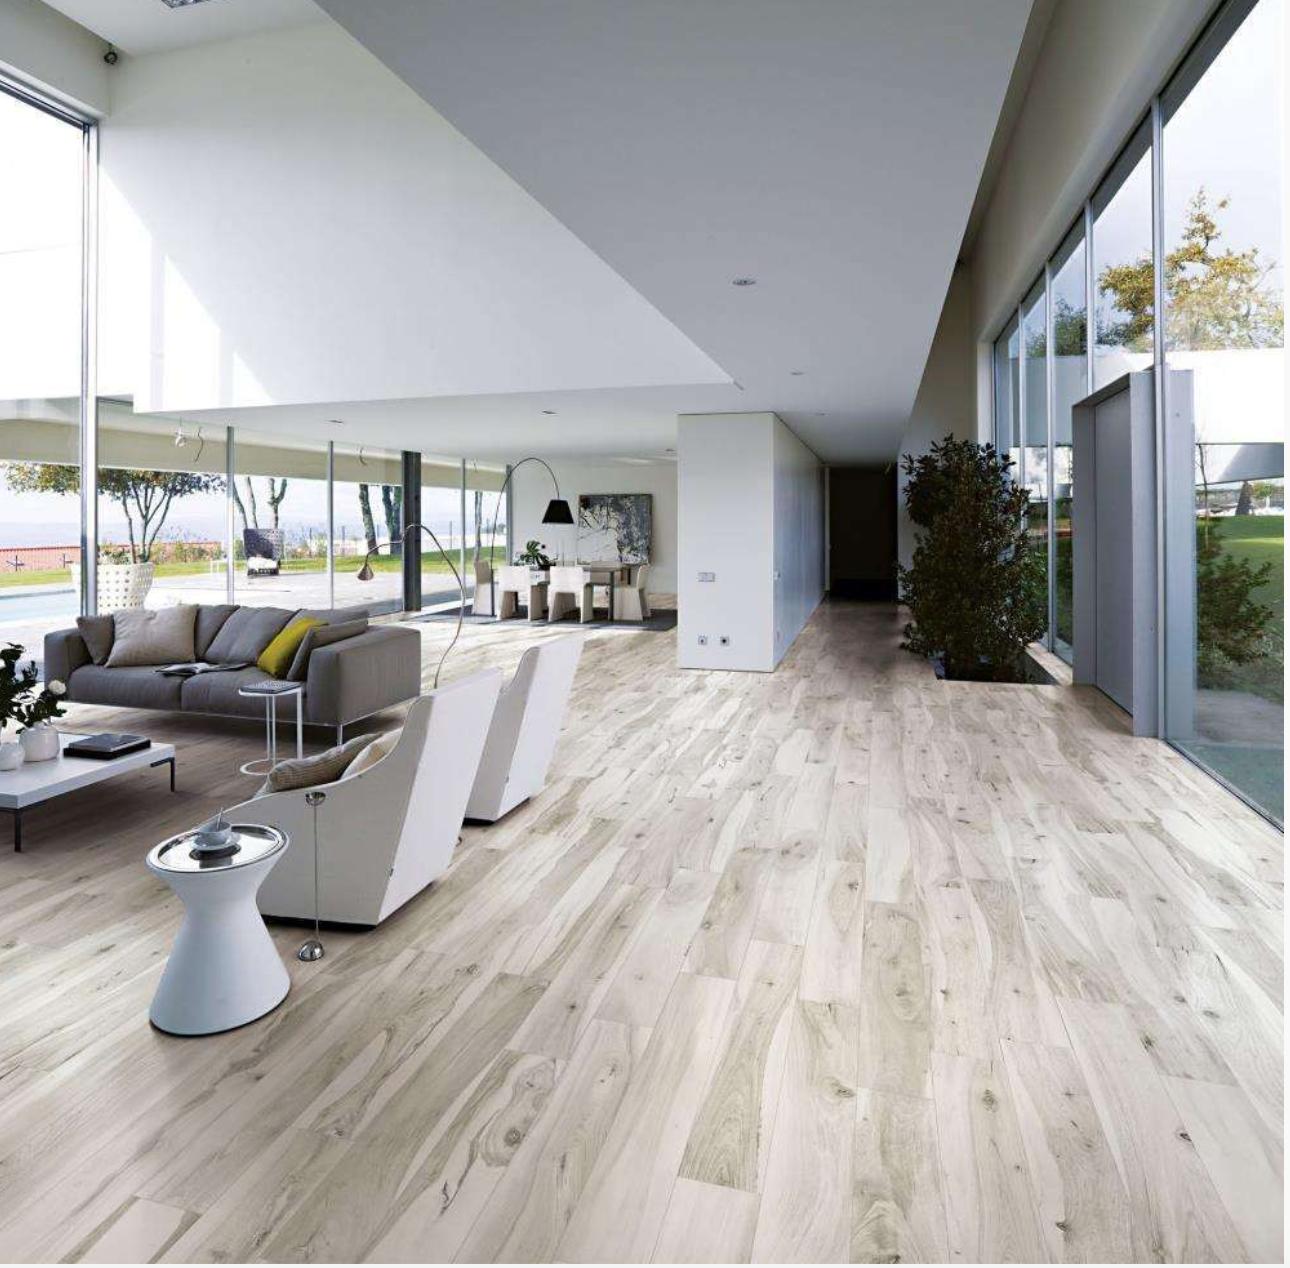 Awanui Tiles Marshalls Flooring Floor Wood Porcelain Bestprices Horncastle Tiles Ltd Modern Wood Floors Wood Look Tile Modern Floor Tiles